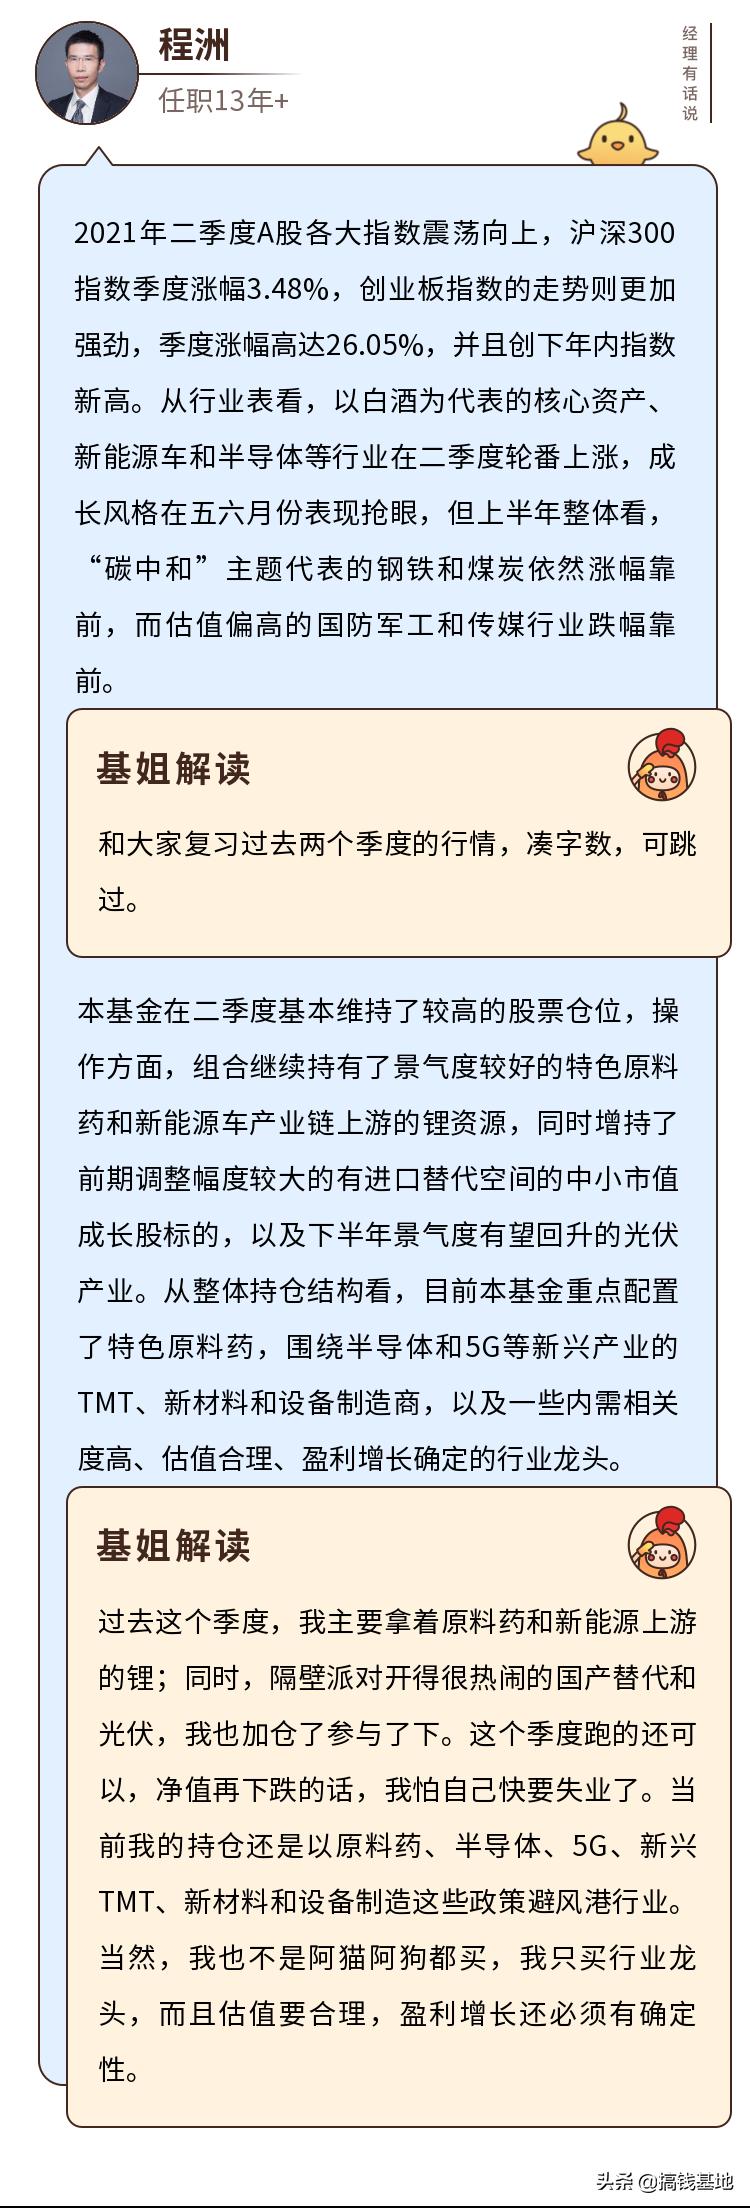 基金测评(1000-46) 国泰金牛创新成长,完胜沪深300,但最近有猫腻